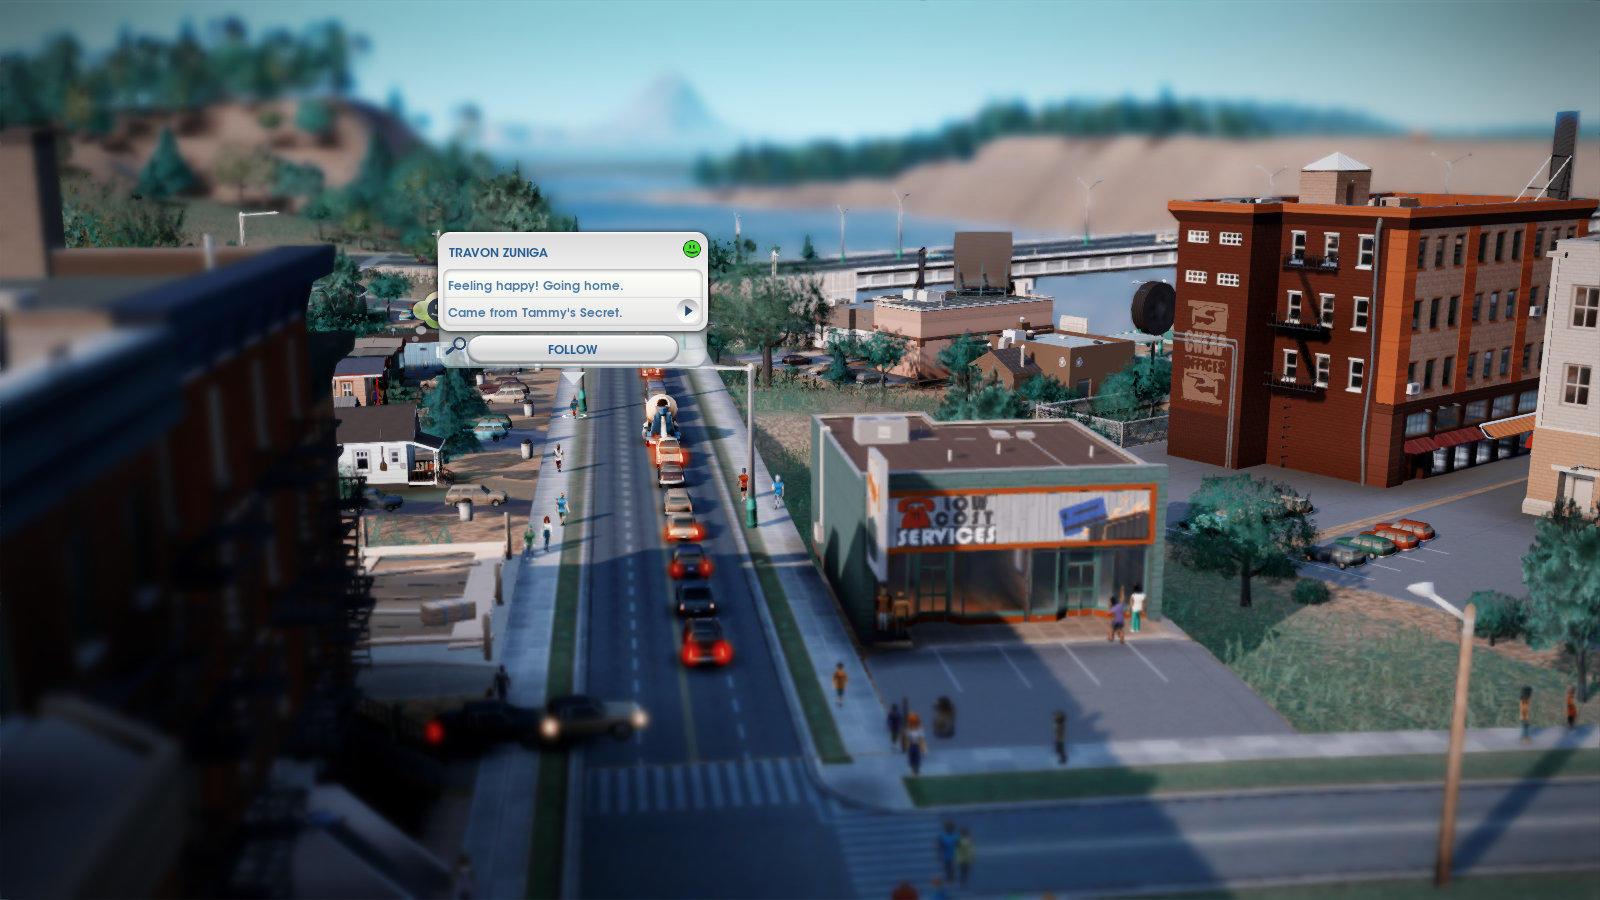 [Imagen]Imágenes de ciudades de Simcity BAWoy2ZCYAAavtI